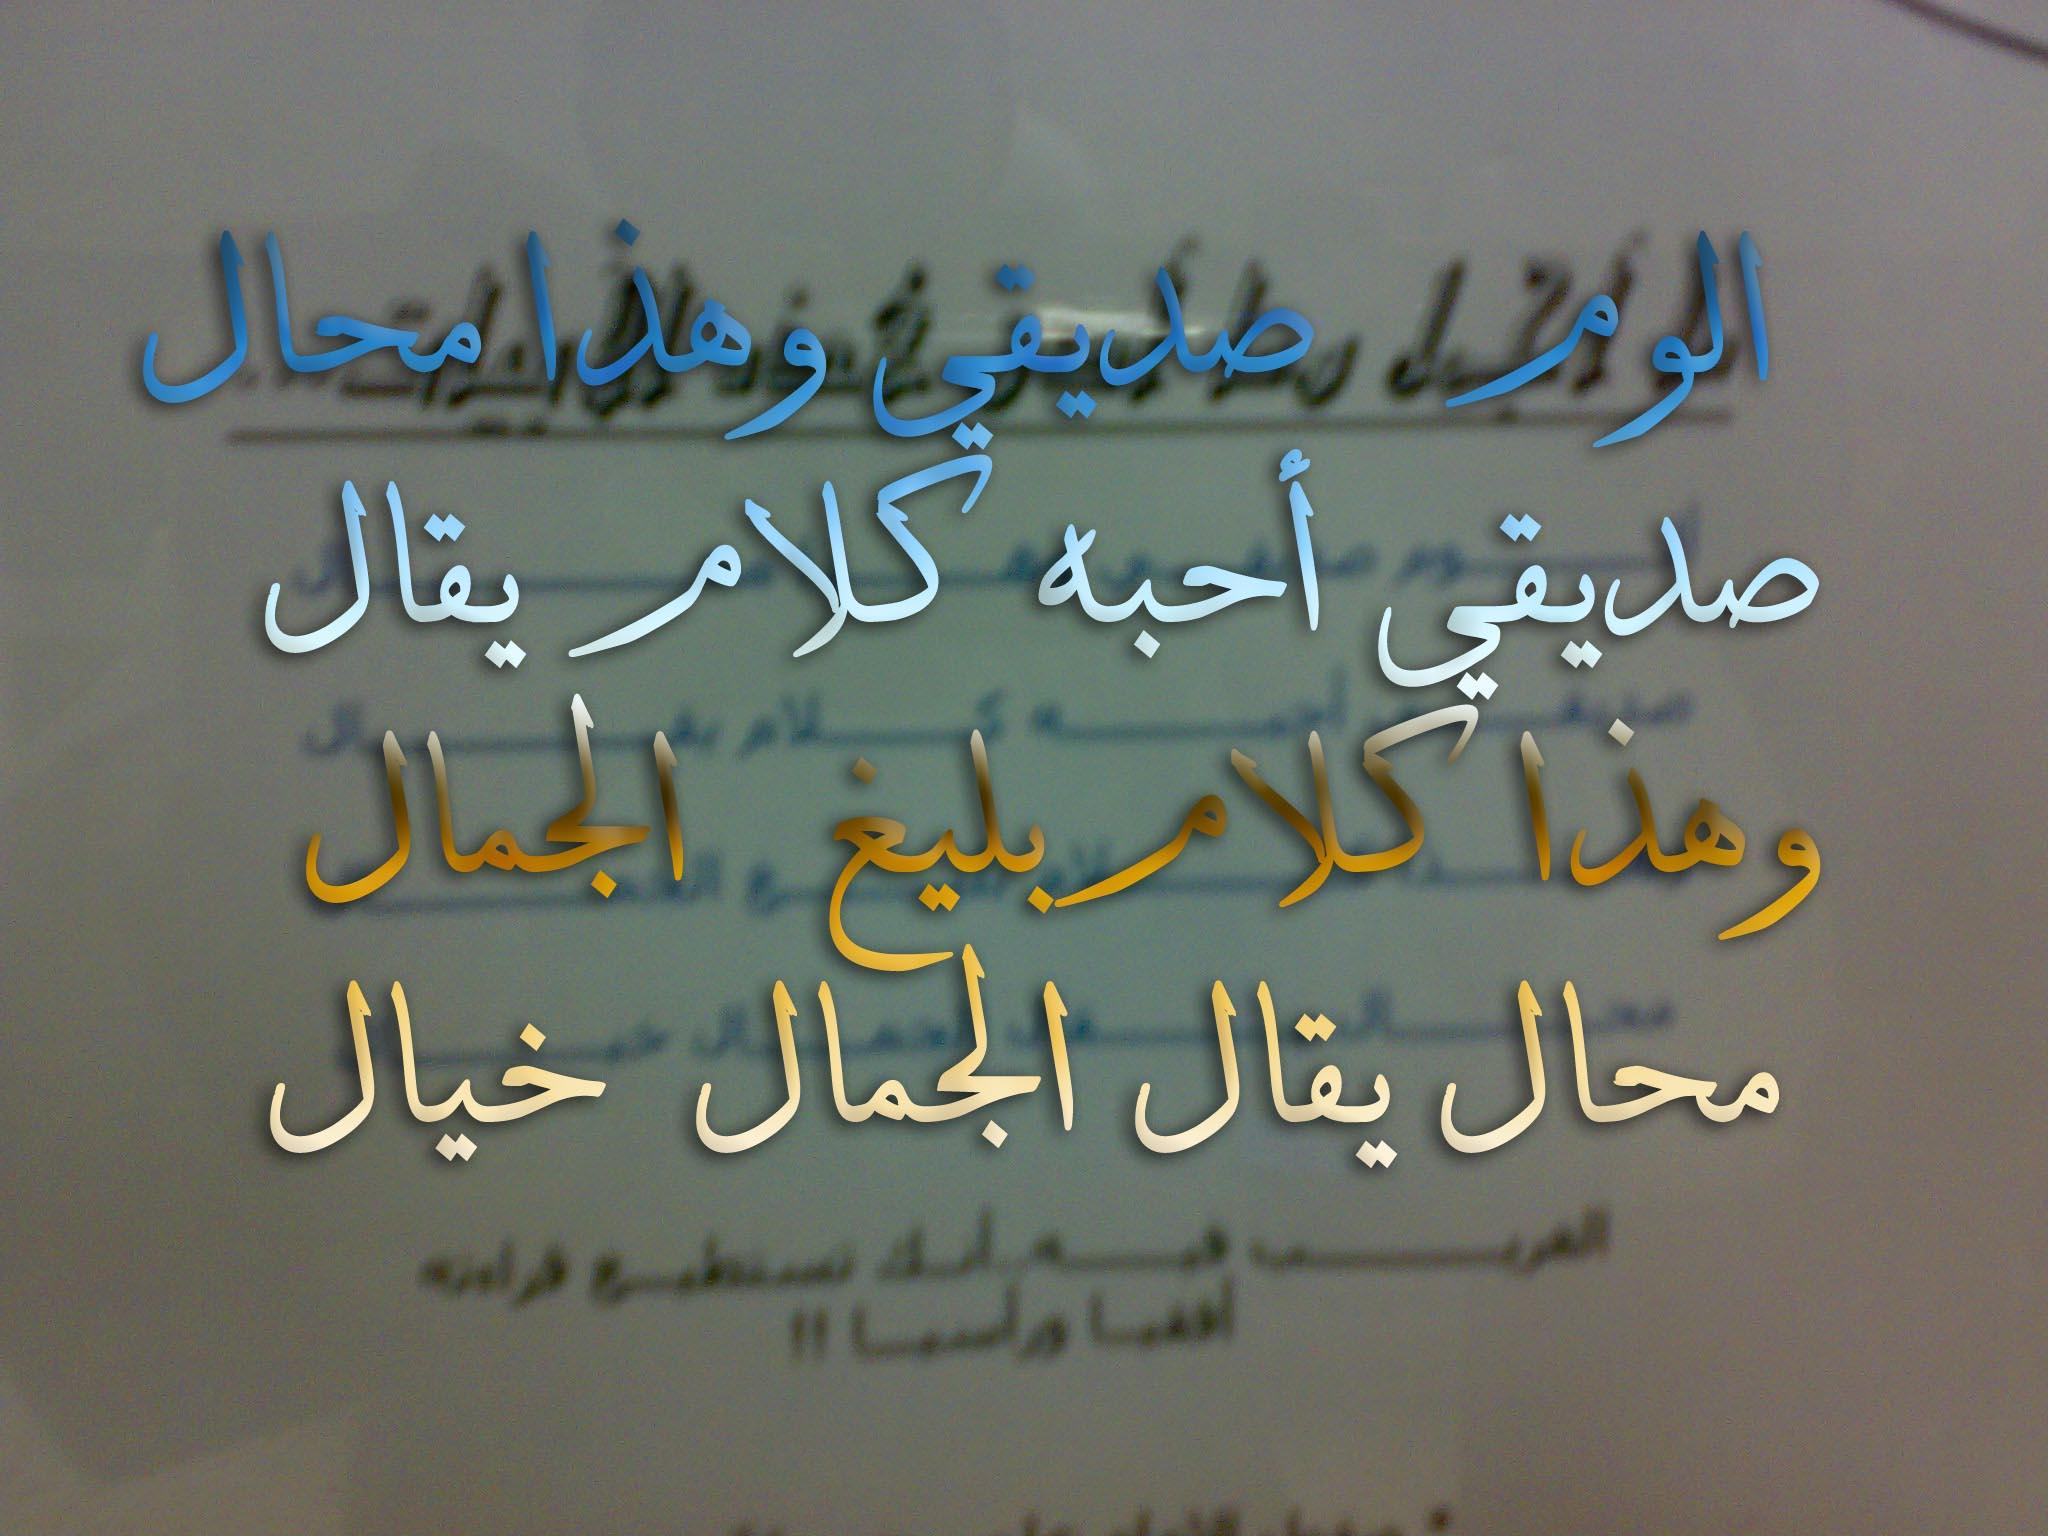 بالصور شعر مدح الصديق , ابيات شعر لاعز الاصدقاء 3776 4